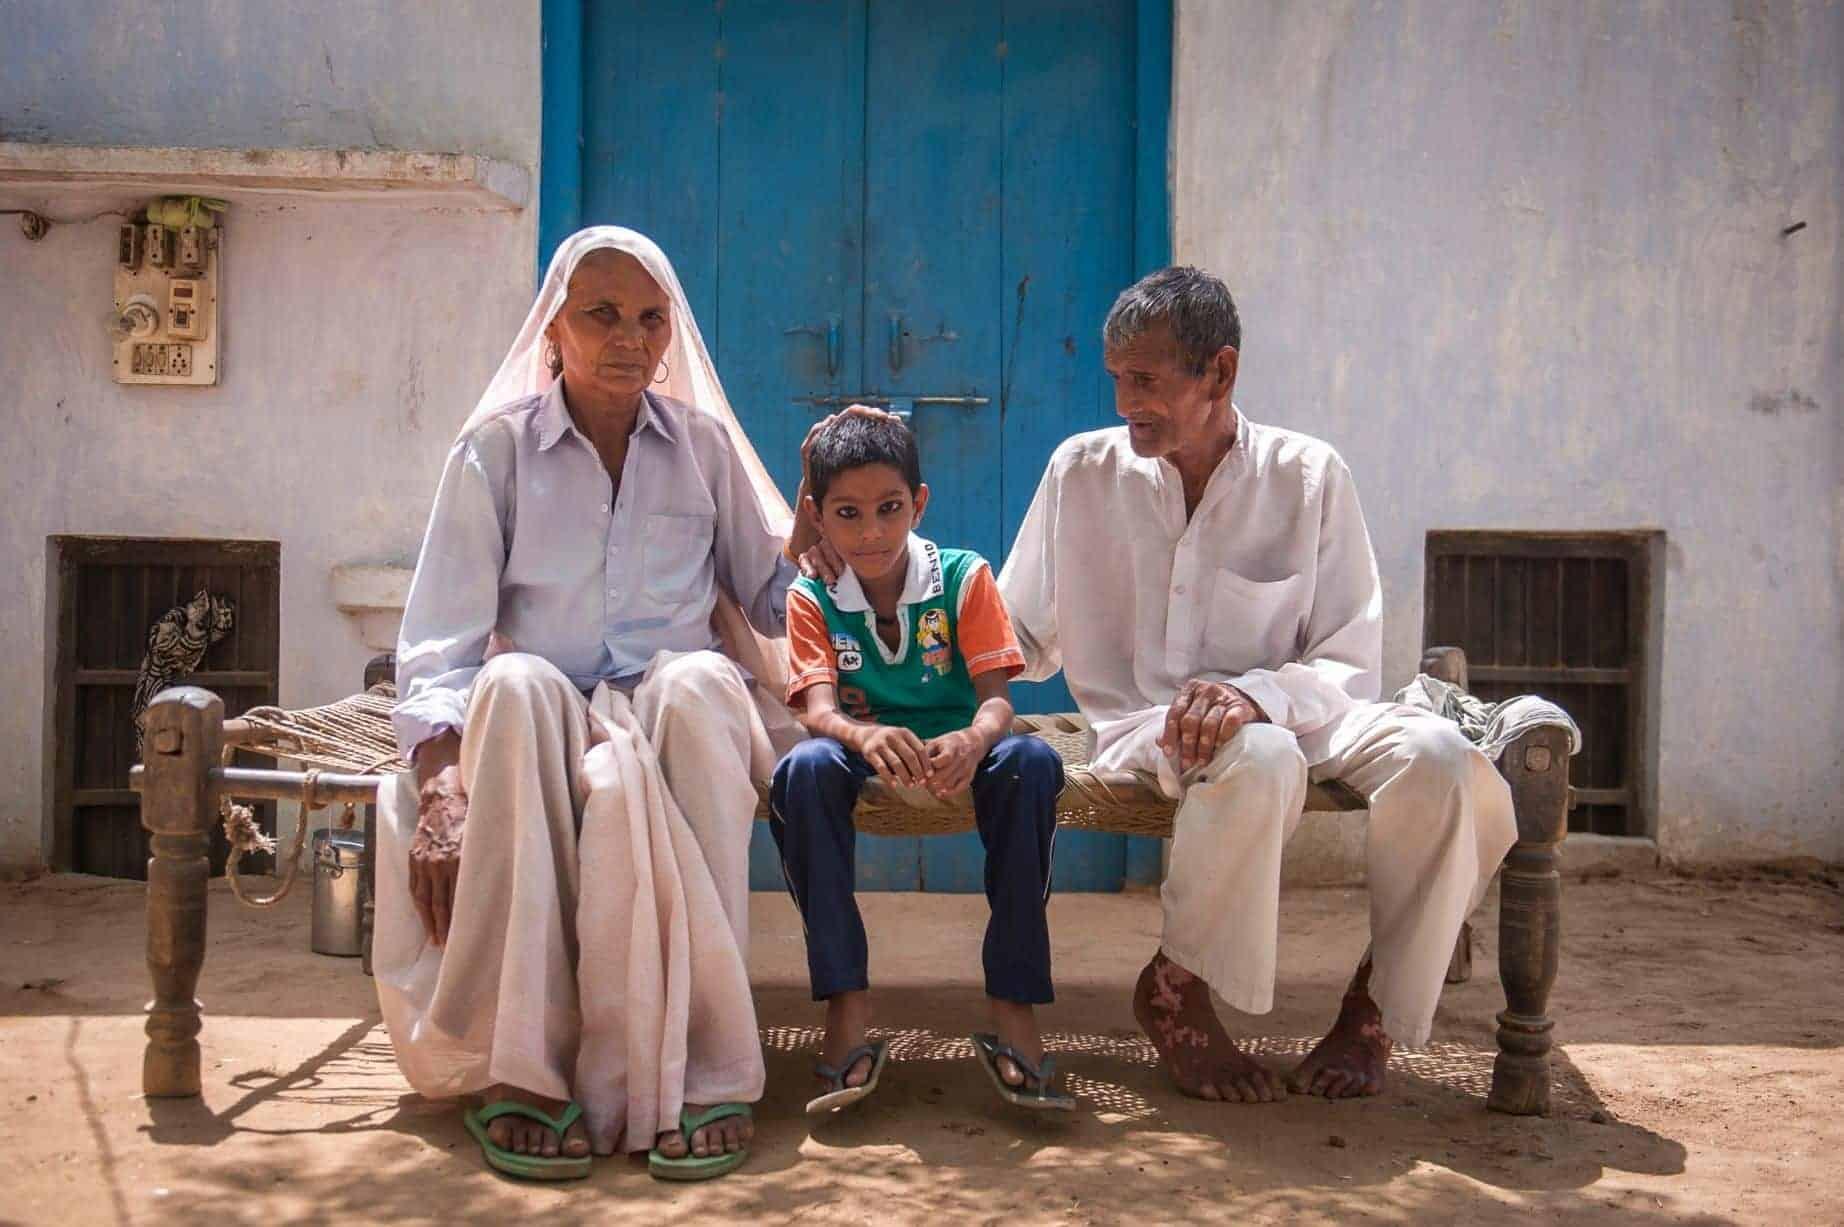 Omkari Singh perdeu a filha com quatro anos